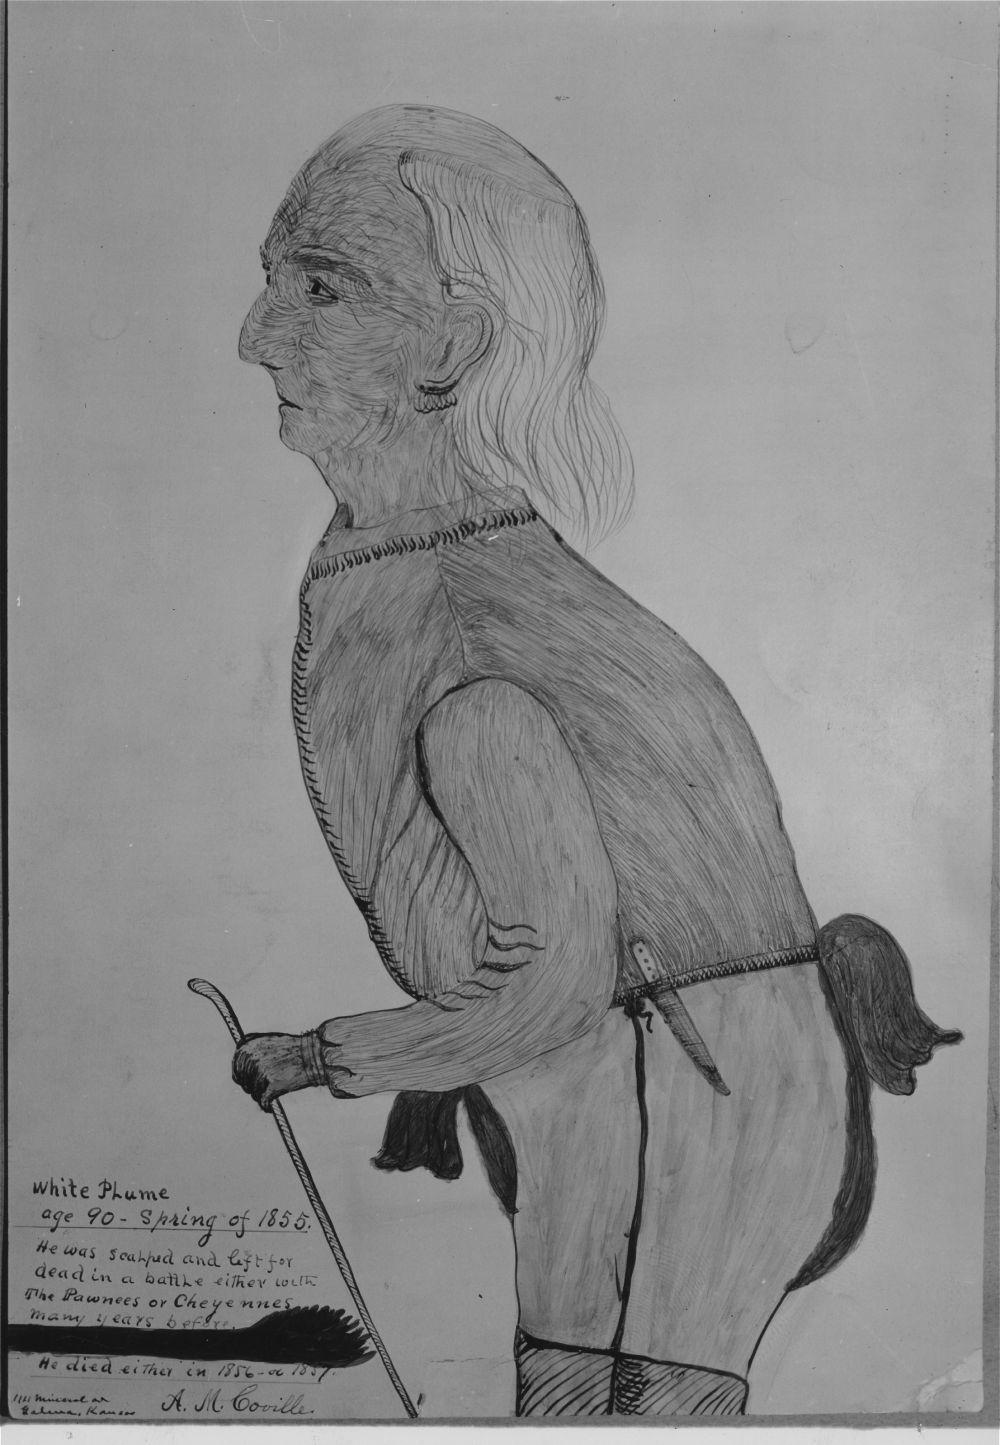 White Plume, Kansa Chief